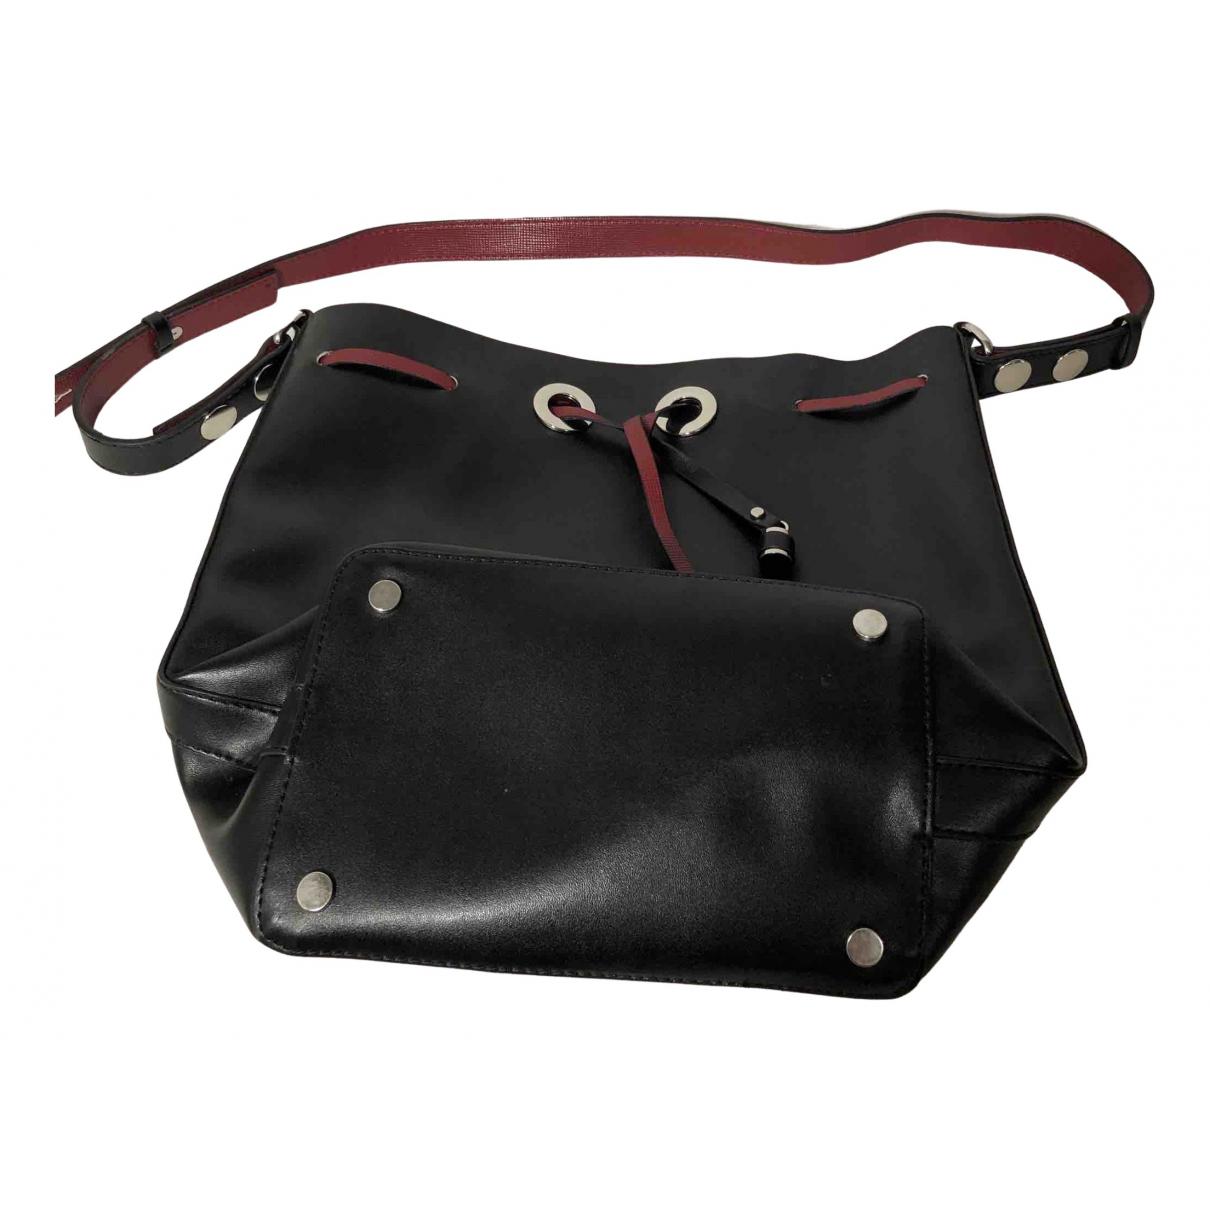 Zara N Black handbag for Women N